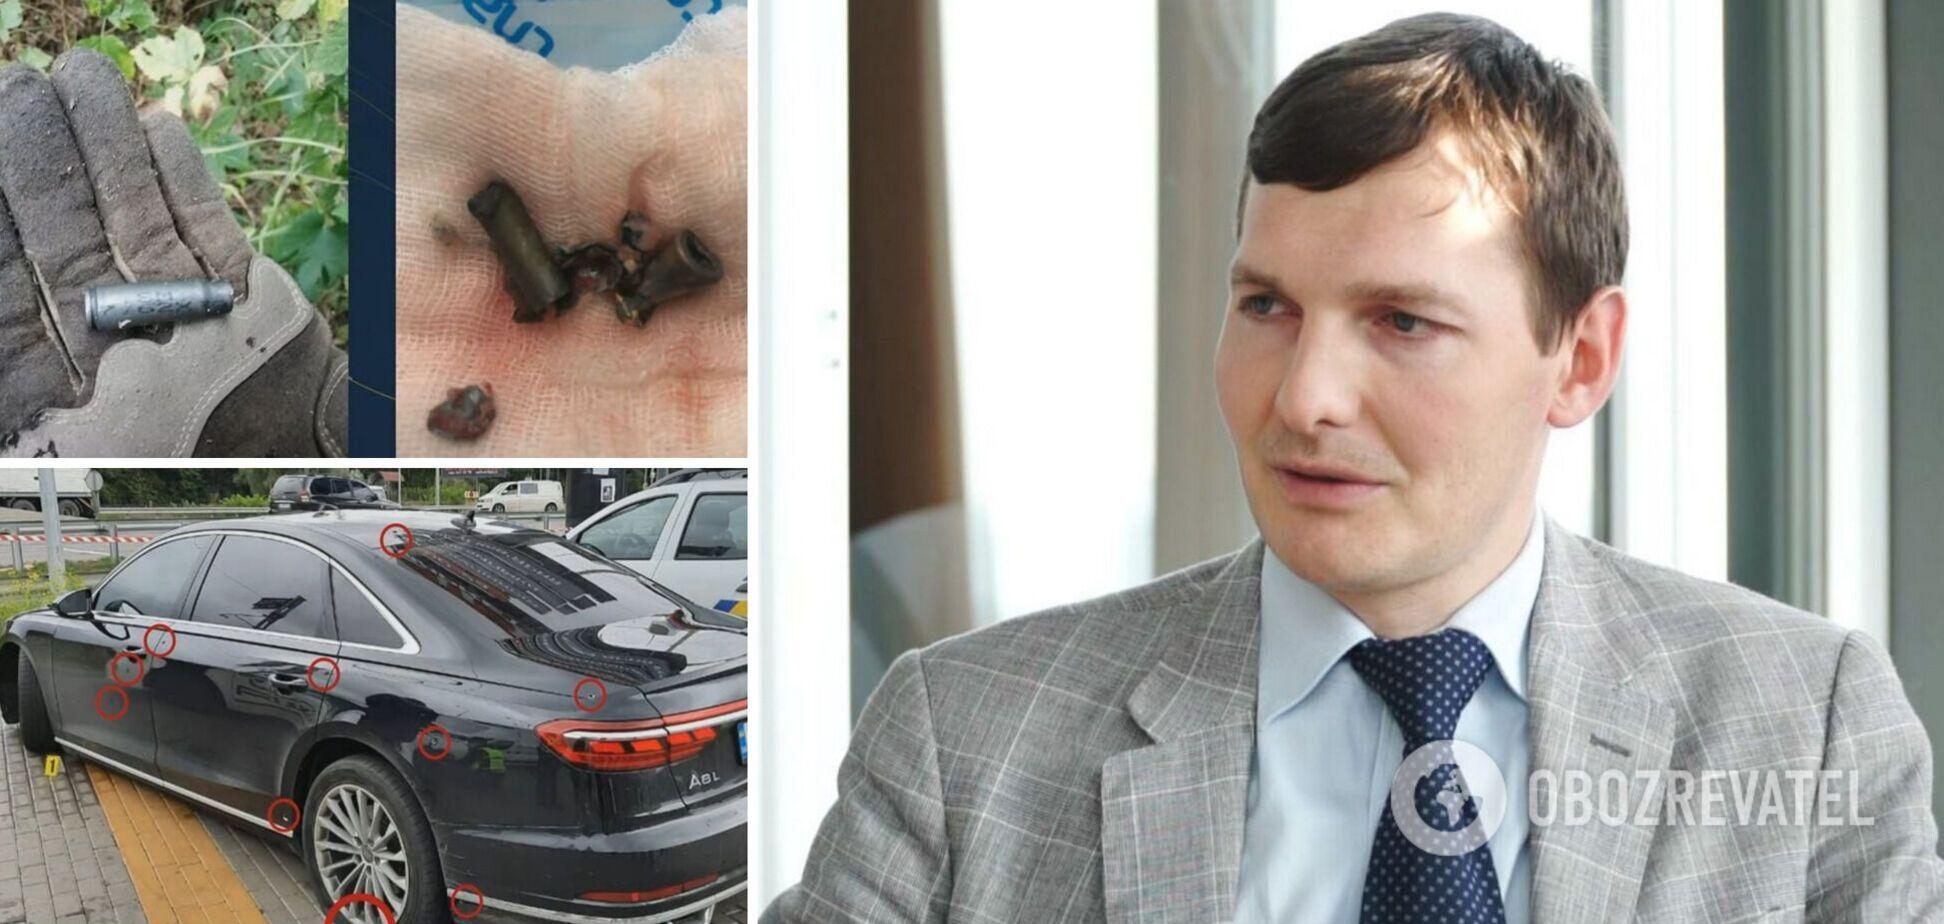 В Шефира стреляли патронами венгерского производства, в Украине таких нет – заместитель главы МВД